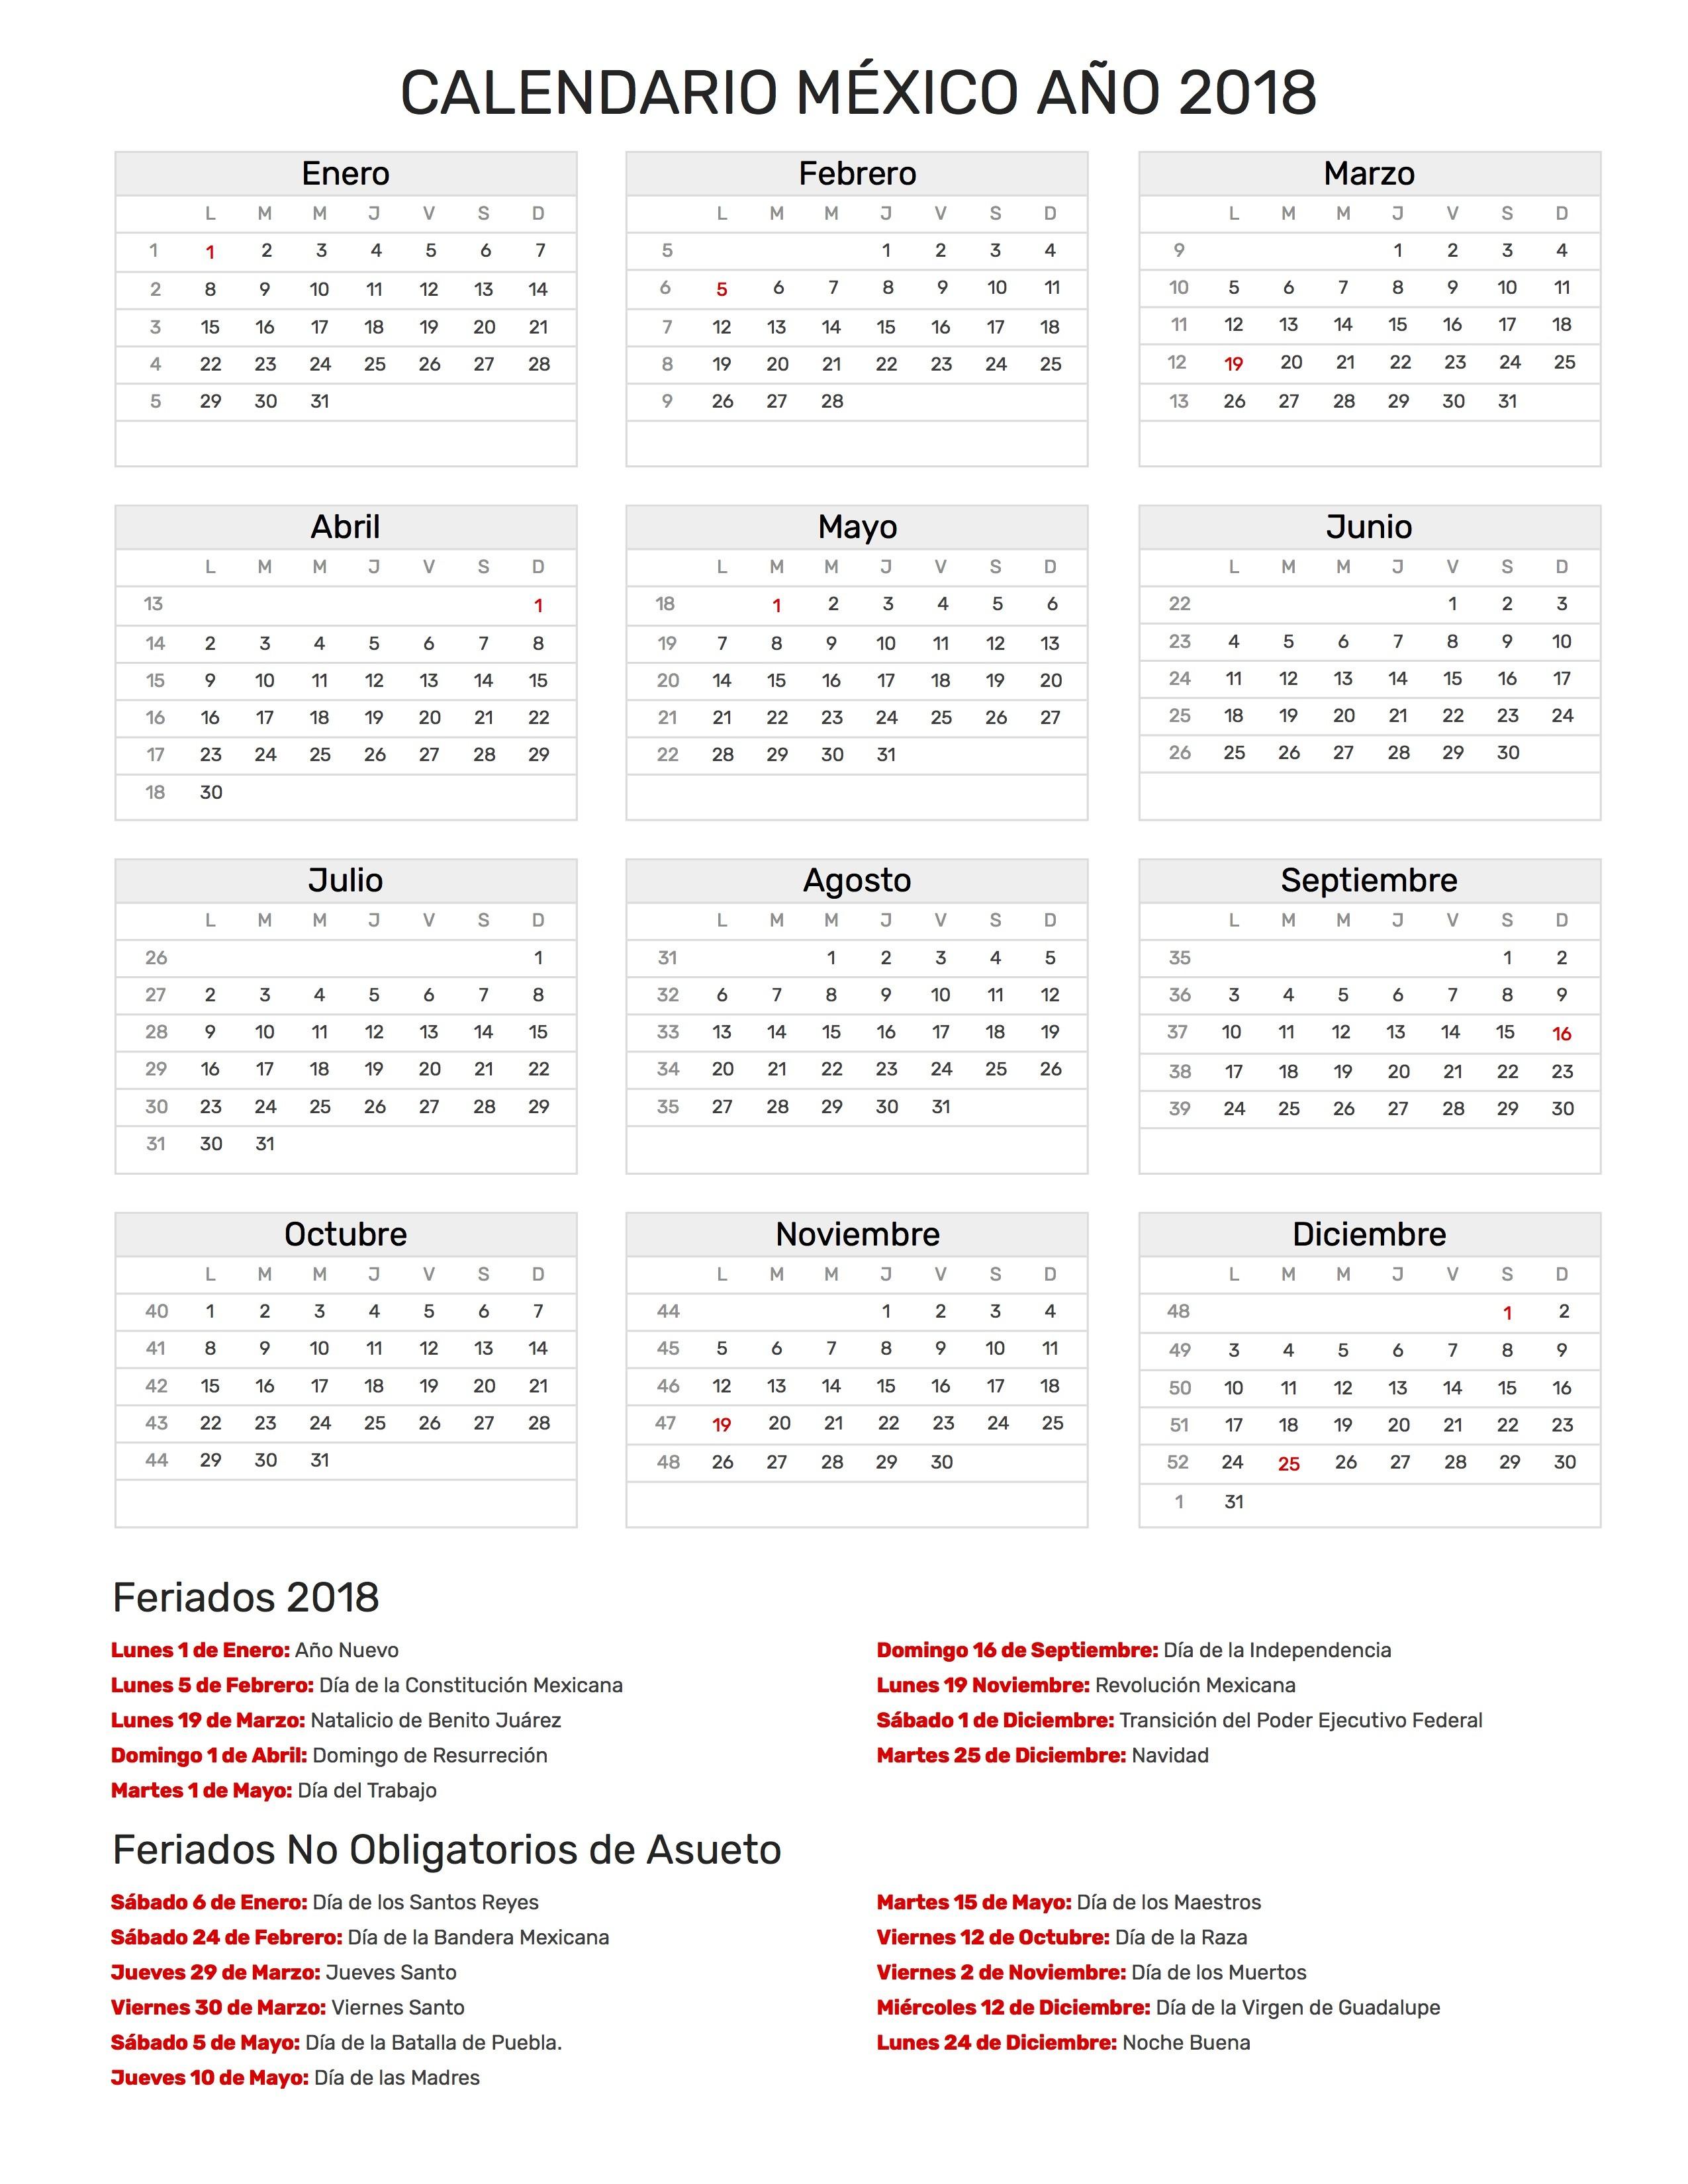 Calendario para Imprimir de Mĩxico con feriados nacionales